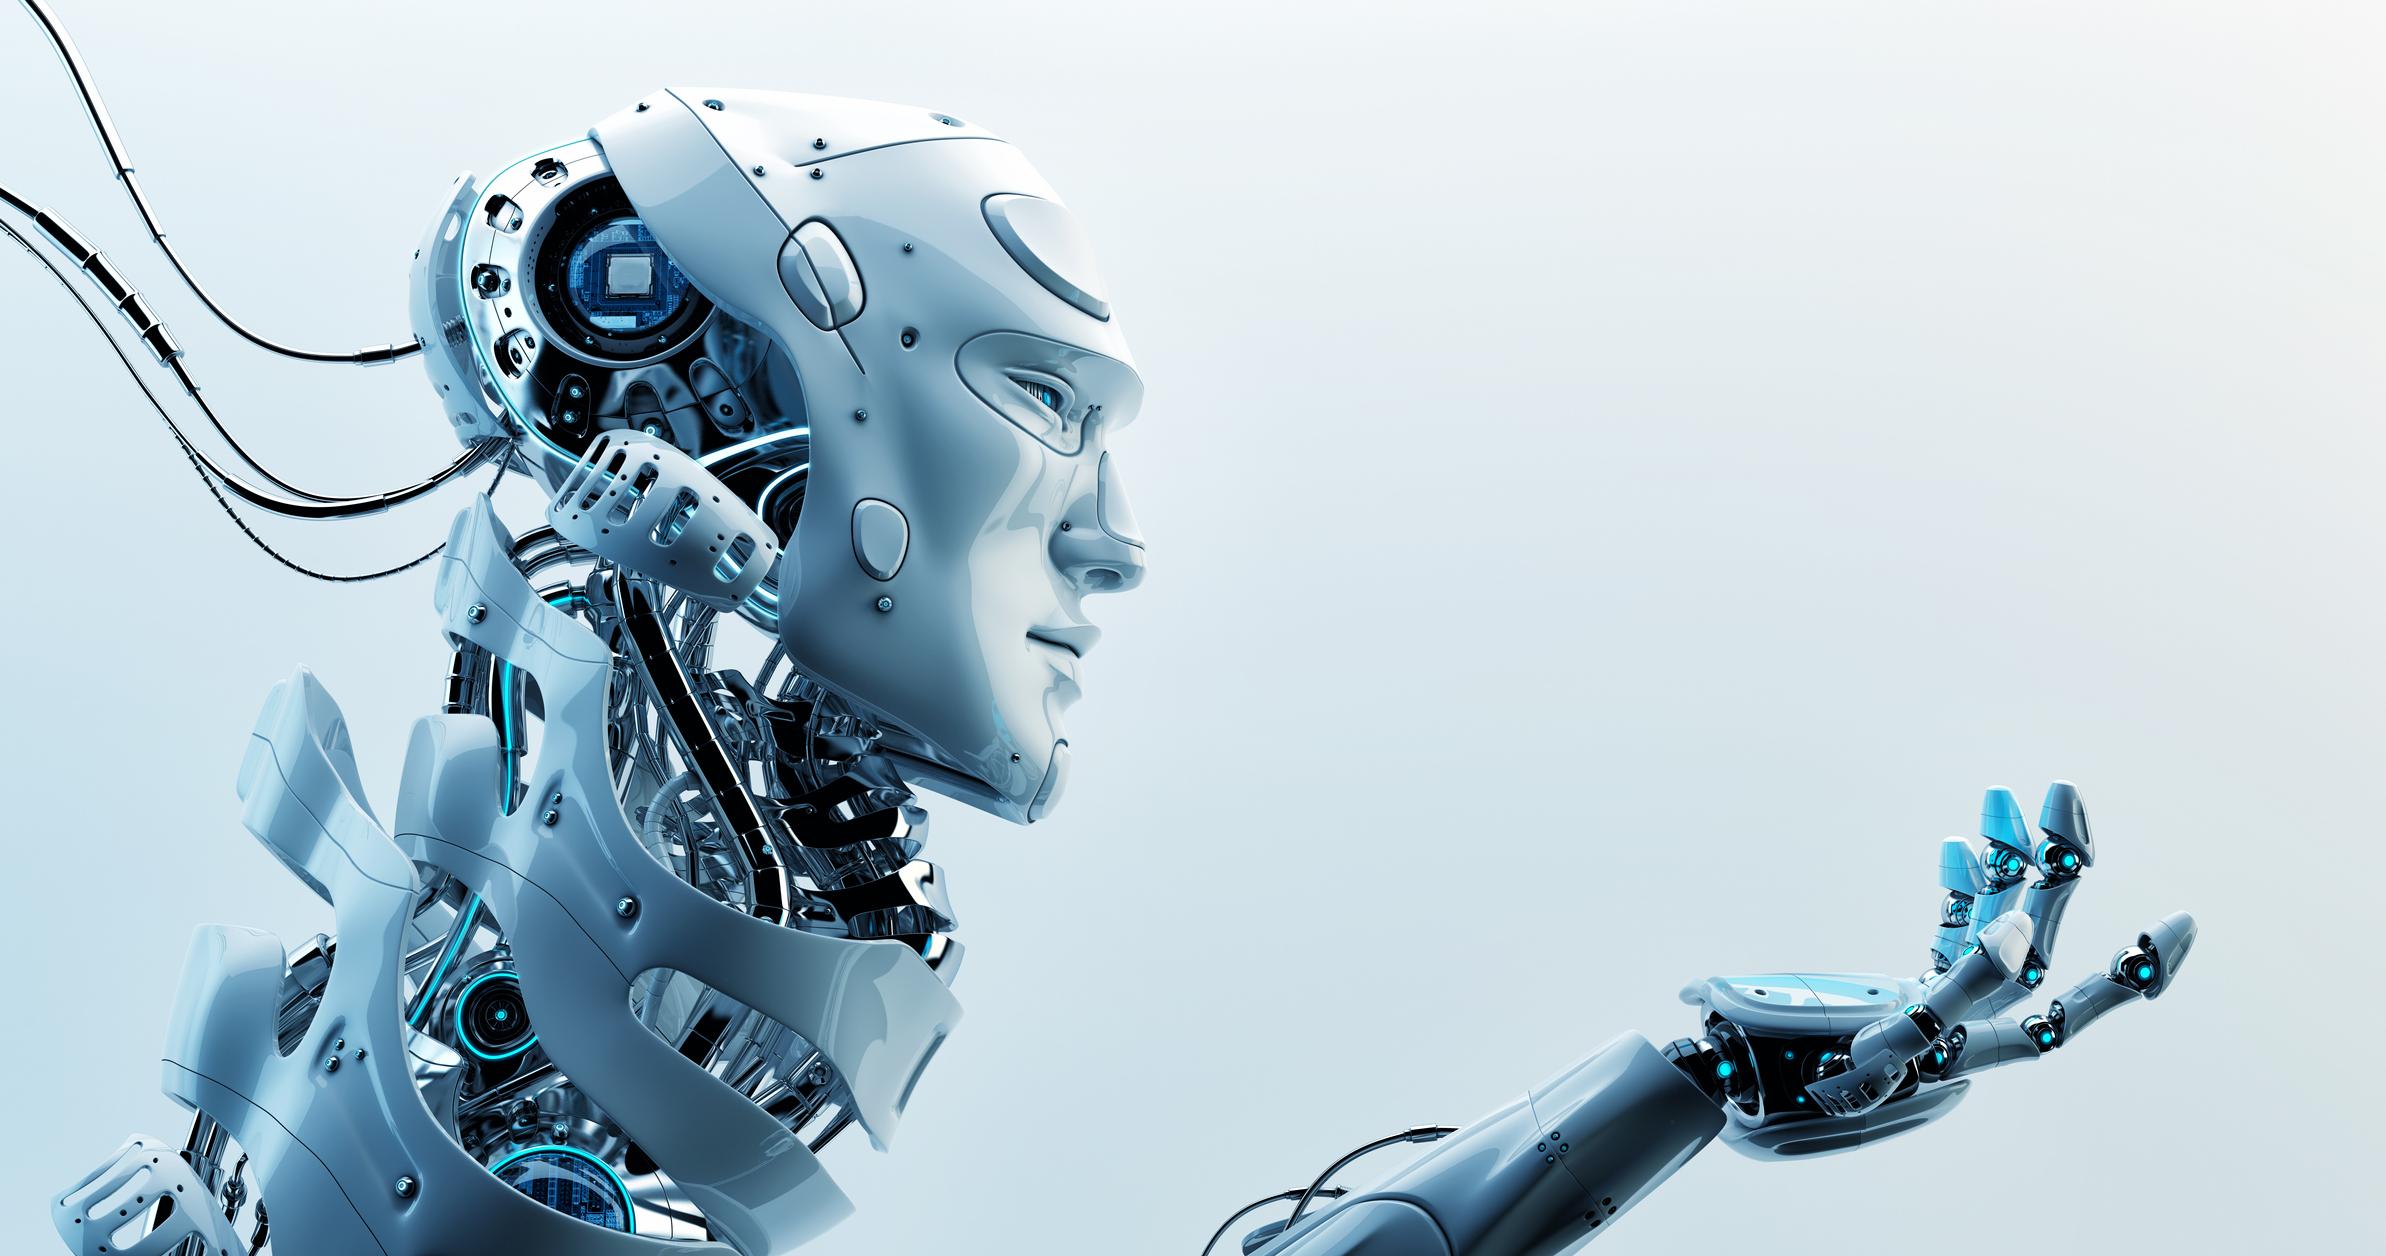 Artificiële Intelligentie & Recht  kan u terzijde staan bij de uitvoering van de AI Impact Assessment. Ons kantoor is gespecialiseerd in de innovatieve technologieën als AI, Machine Learning, Big Data en Internet of Things (IoT) in tal van sectoren, waaronder de gezondheidszorg en medical devices, robotics, entertainment & kunst, retail en de levensmiddelenindustrie.